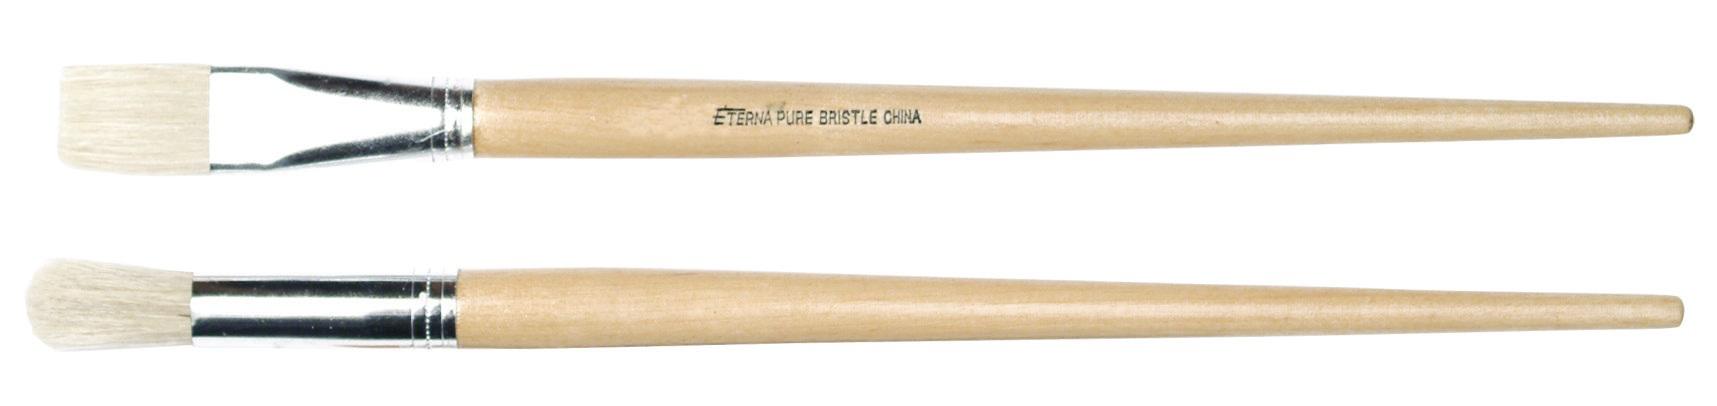 No.6 Round Hog Brush